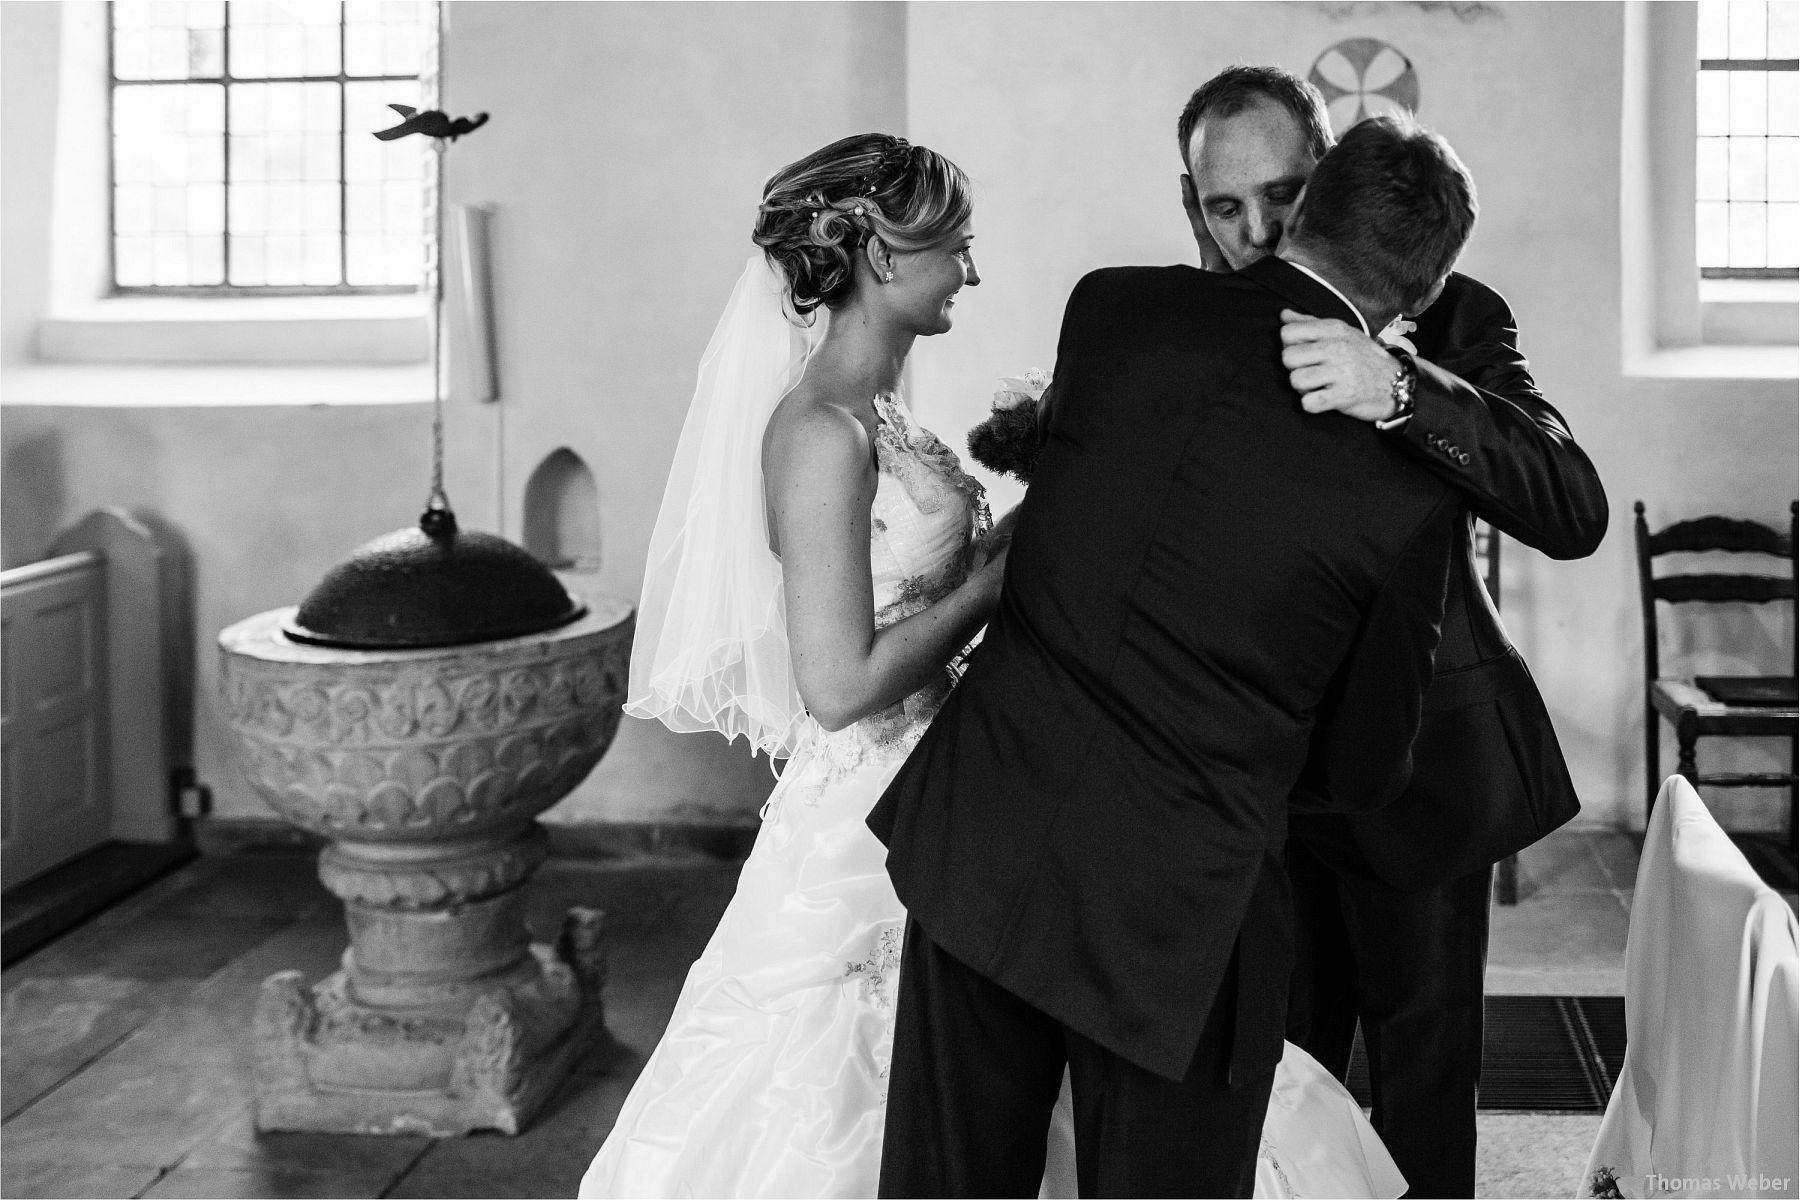 Hochzeitsfotograf Papenburg: Standesamtliche Trauung auf der Burg Kniphausen und Feier im Le Patron am Meer (31)